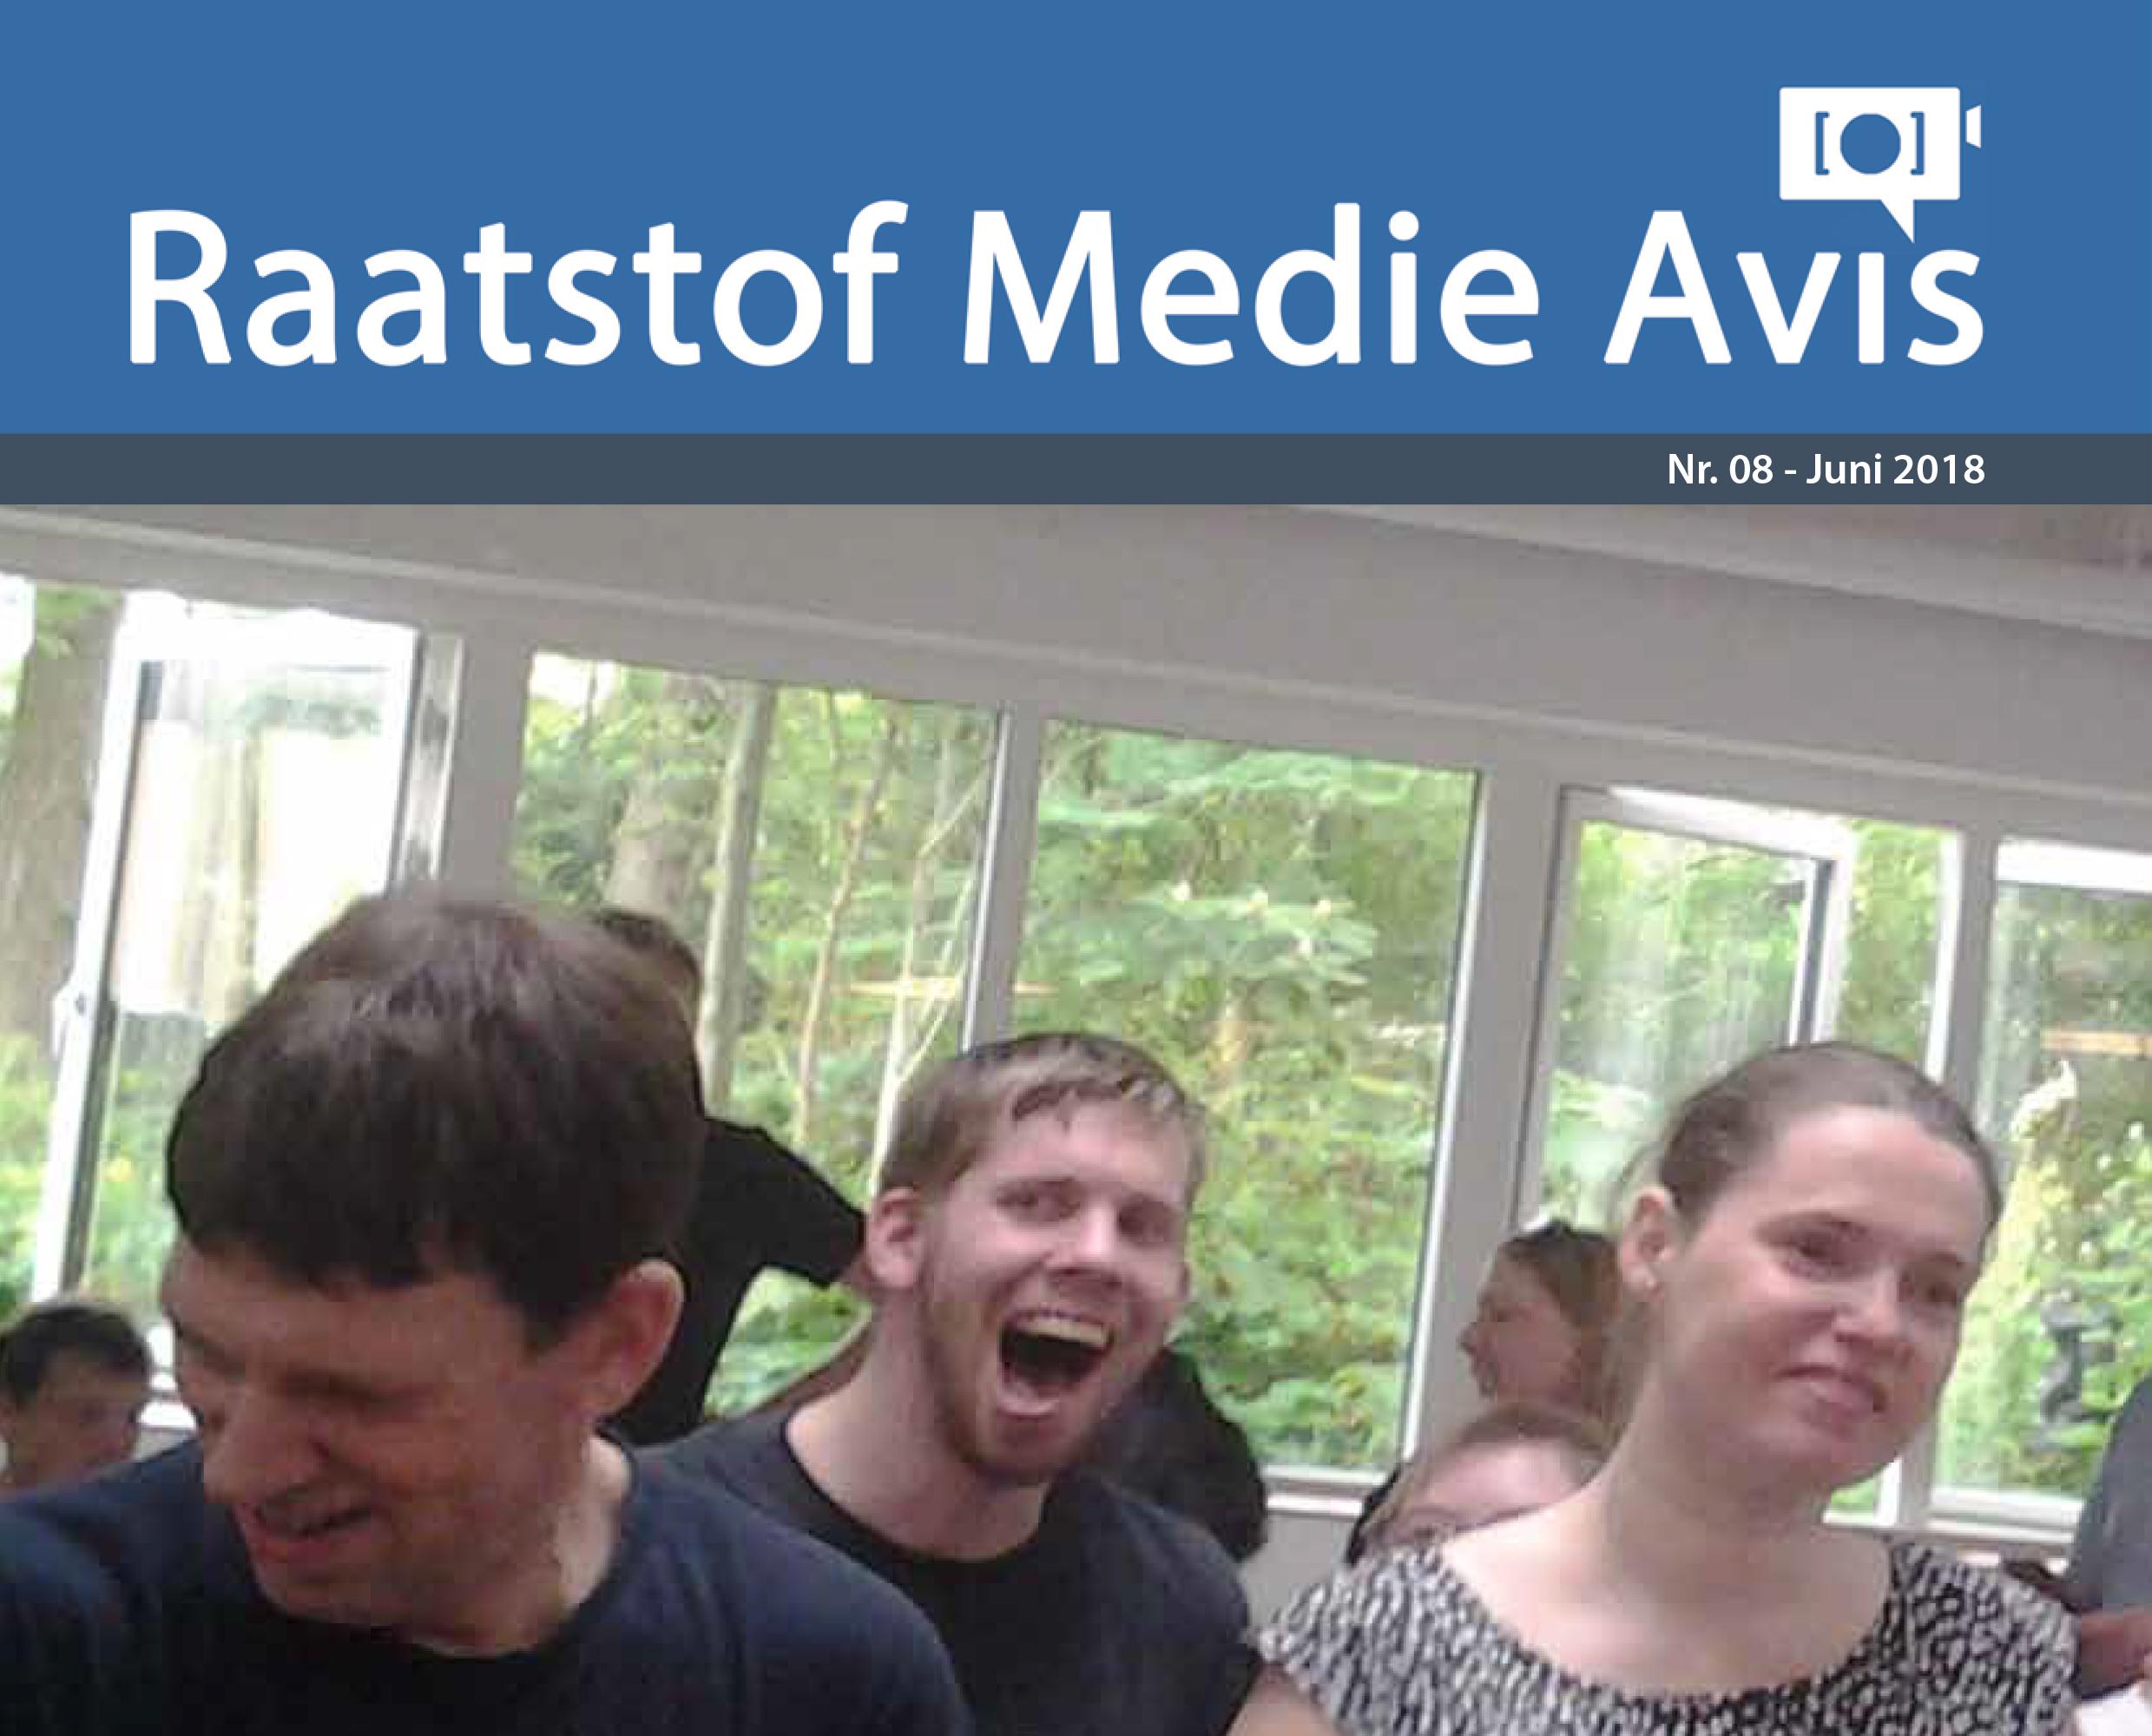 Raatstof Avis, Dimissionsfest